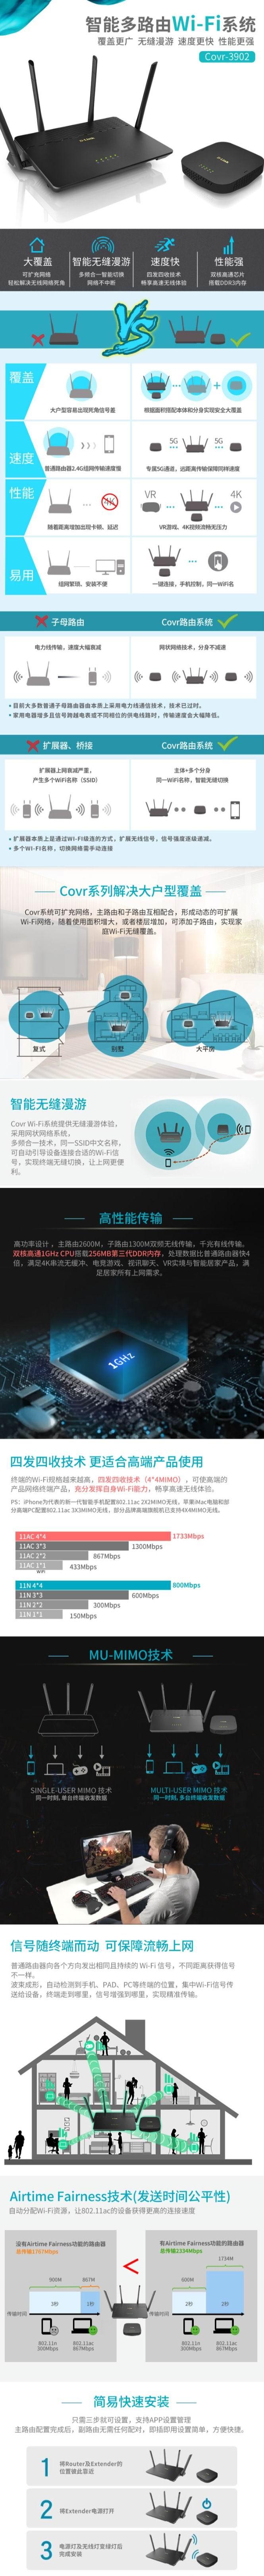 金盒头条:D-Link 友讯 COVR-3902 分布式路由套装 双千兆无线路由器4.5折 179.99加元包邮!